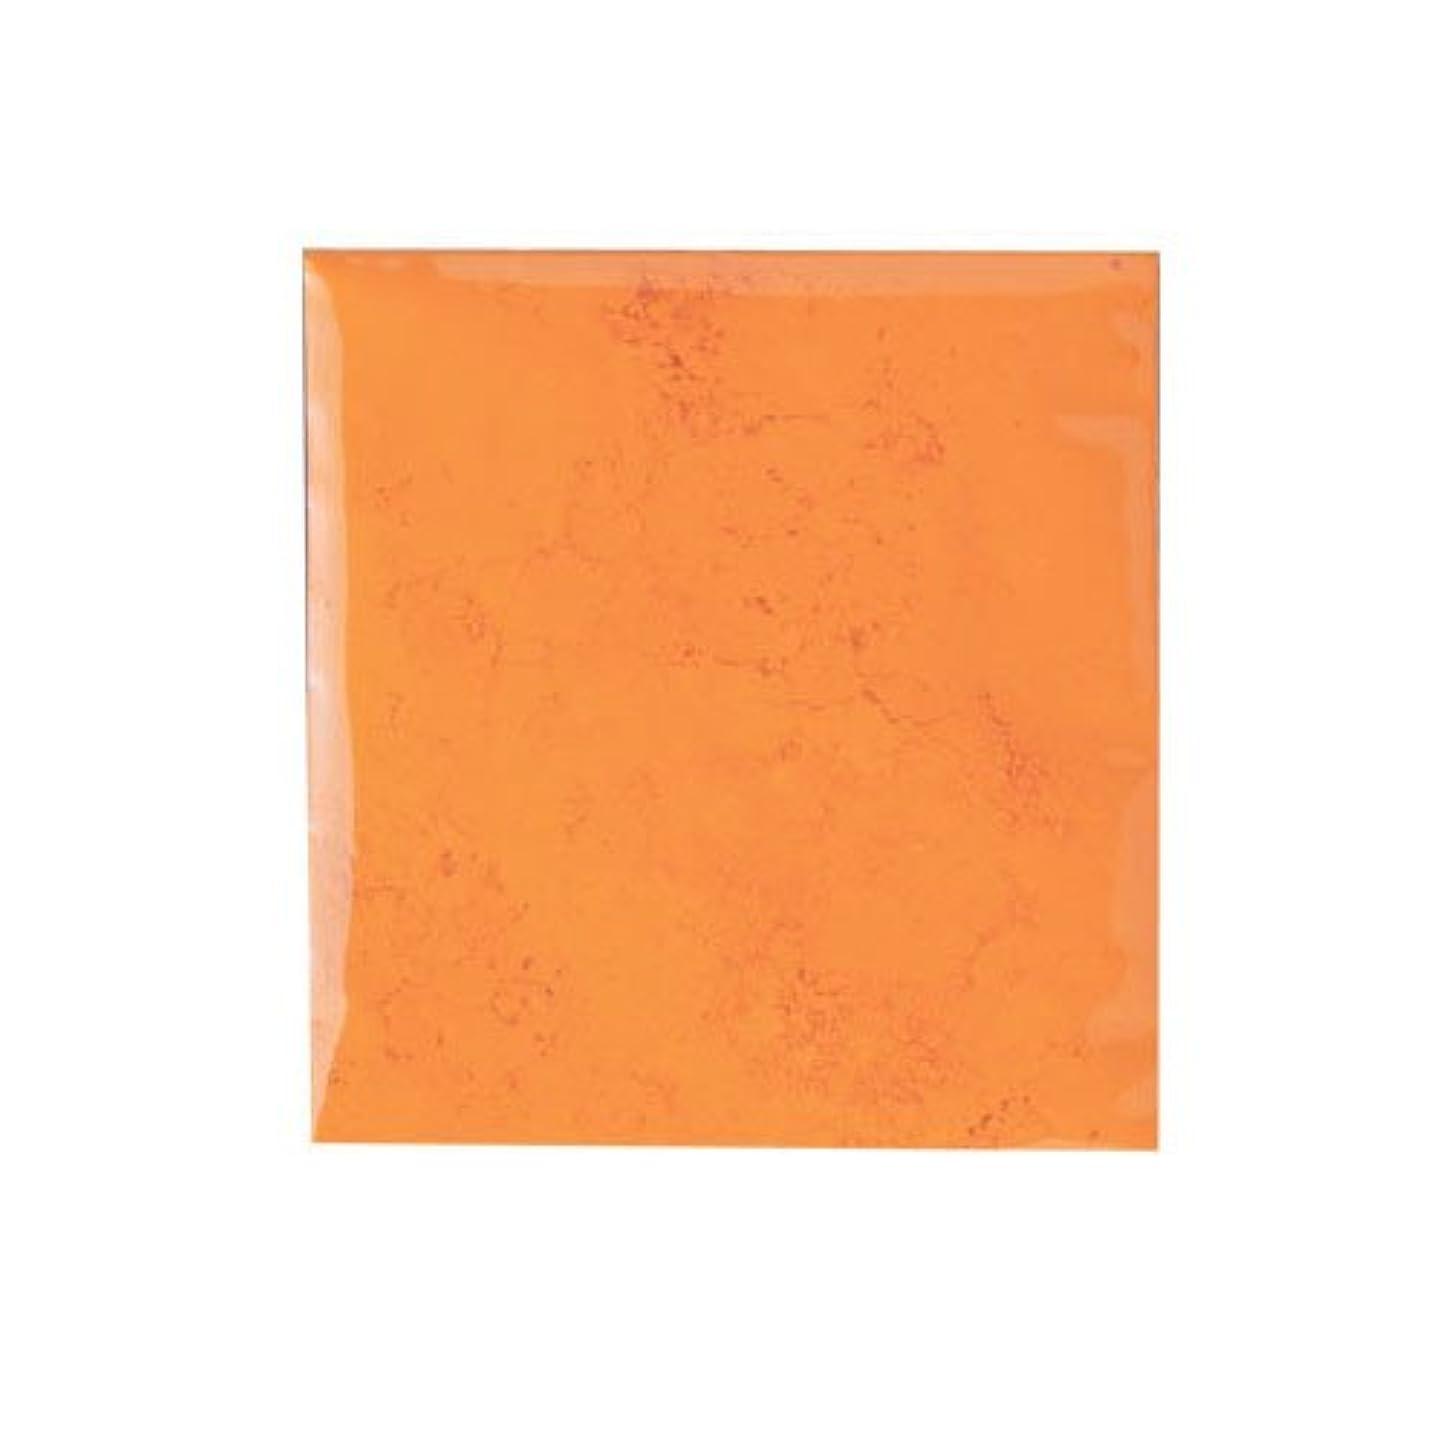 バレル解決するラップトップピカエース ネイル用パウダー カラーパウダー 着色顔料 #745 マリーゴールド 2g